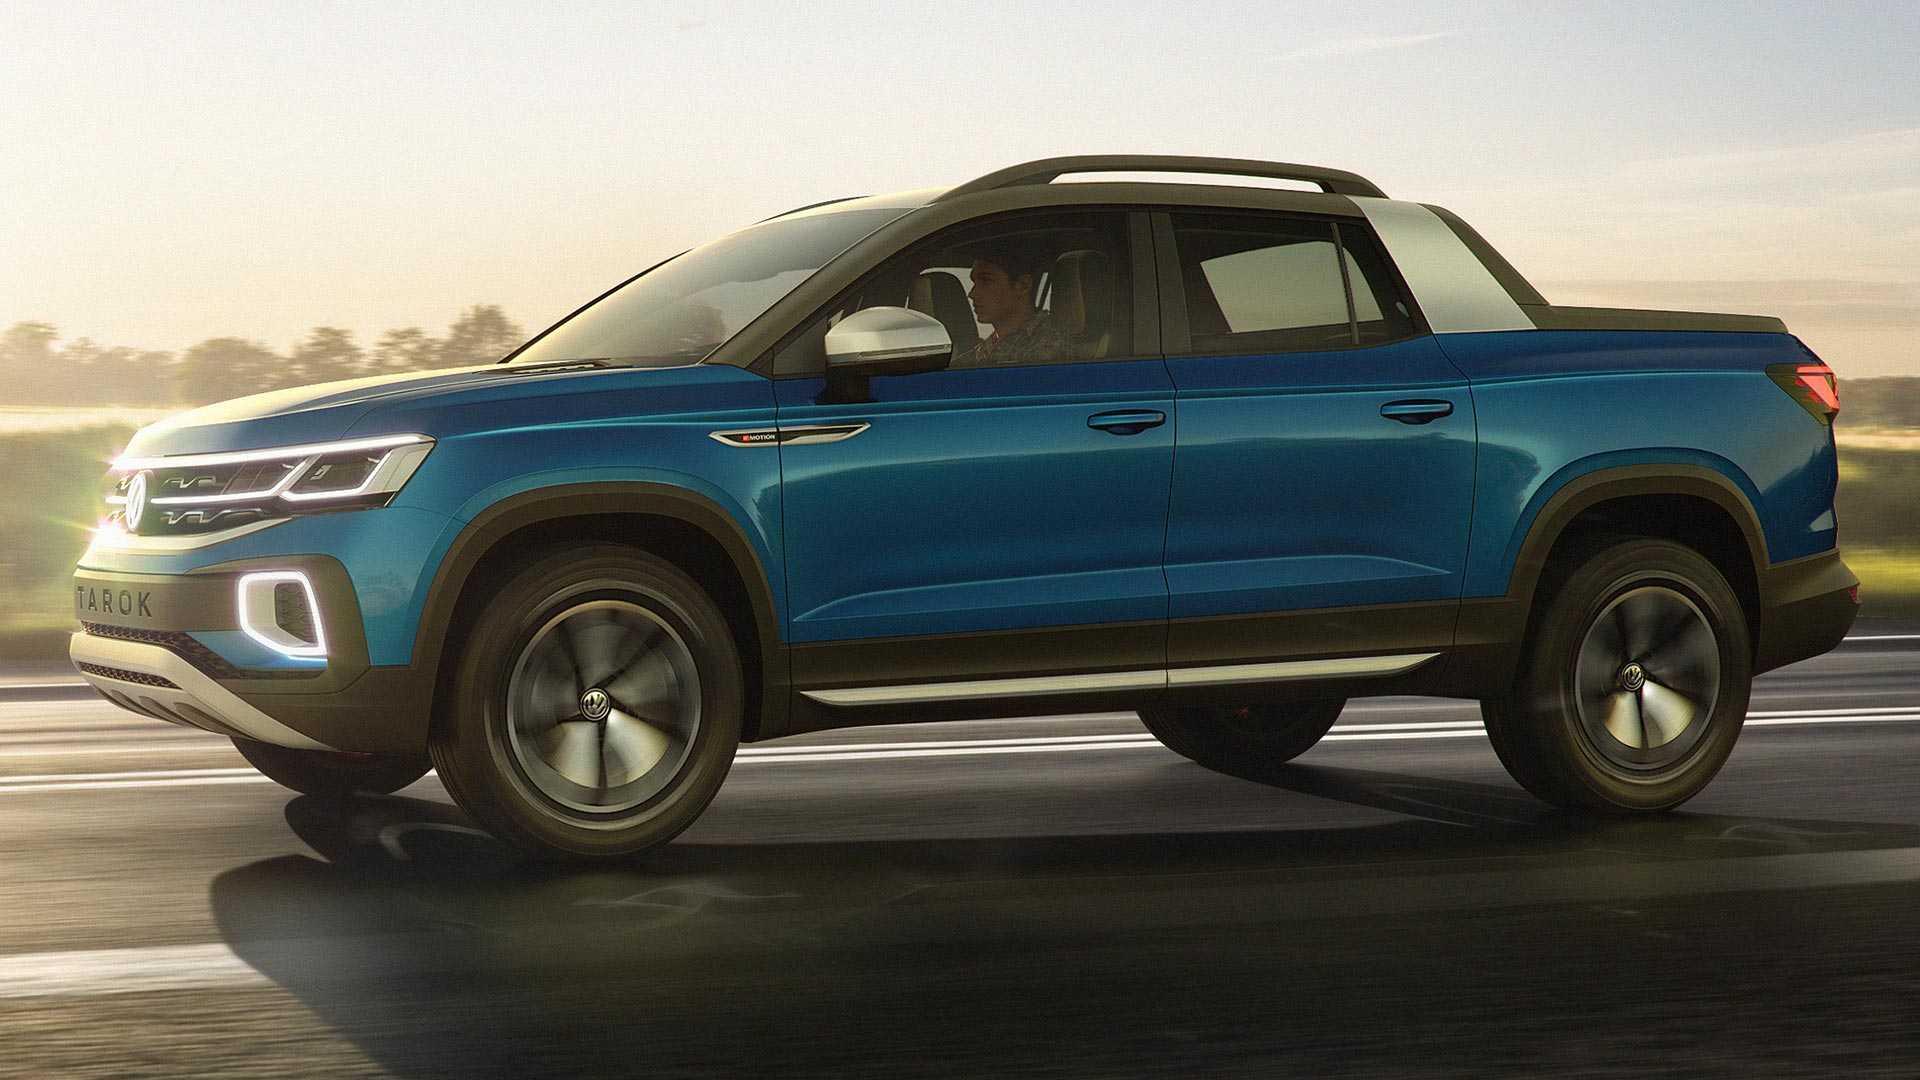 Volkswagen planira manji pikap za američko tržište – Tarok koncept